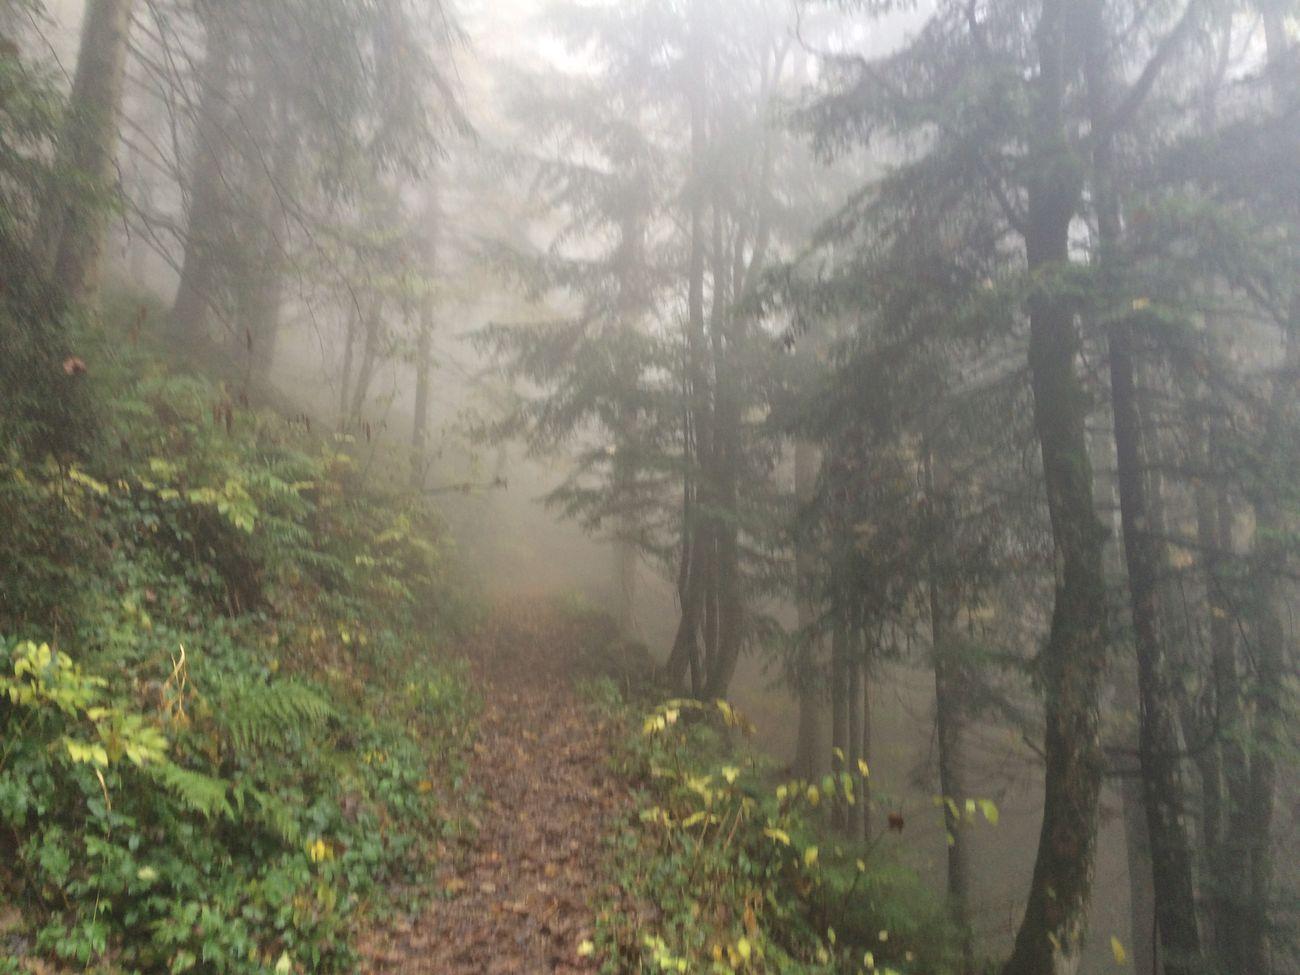 Fog Outdoor Mountain Bavarian Alps Inntal